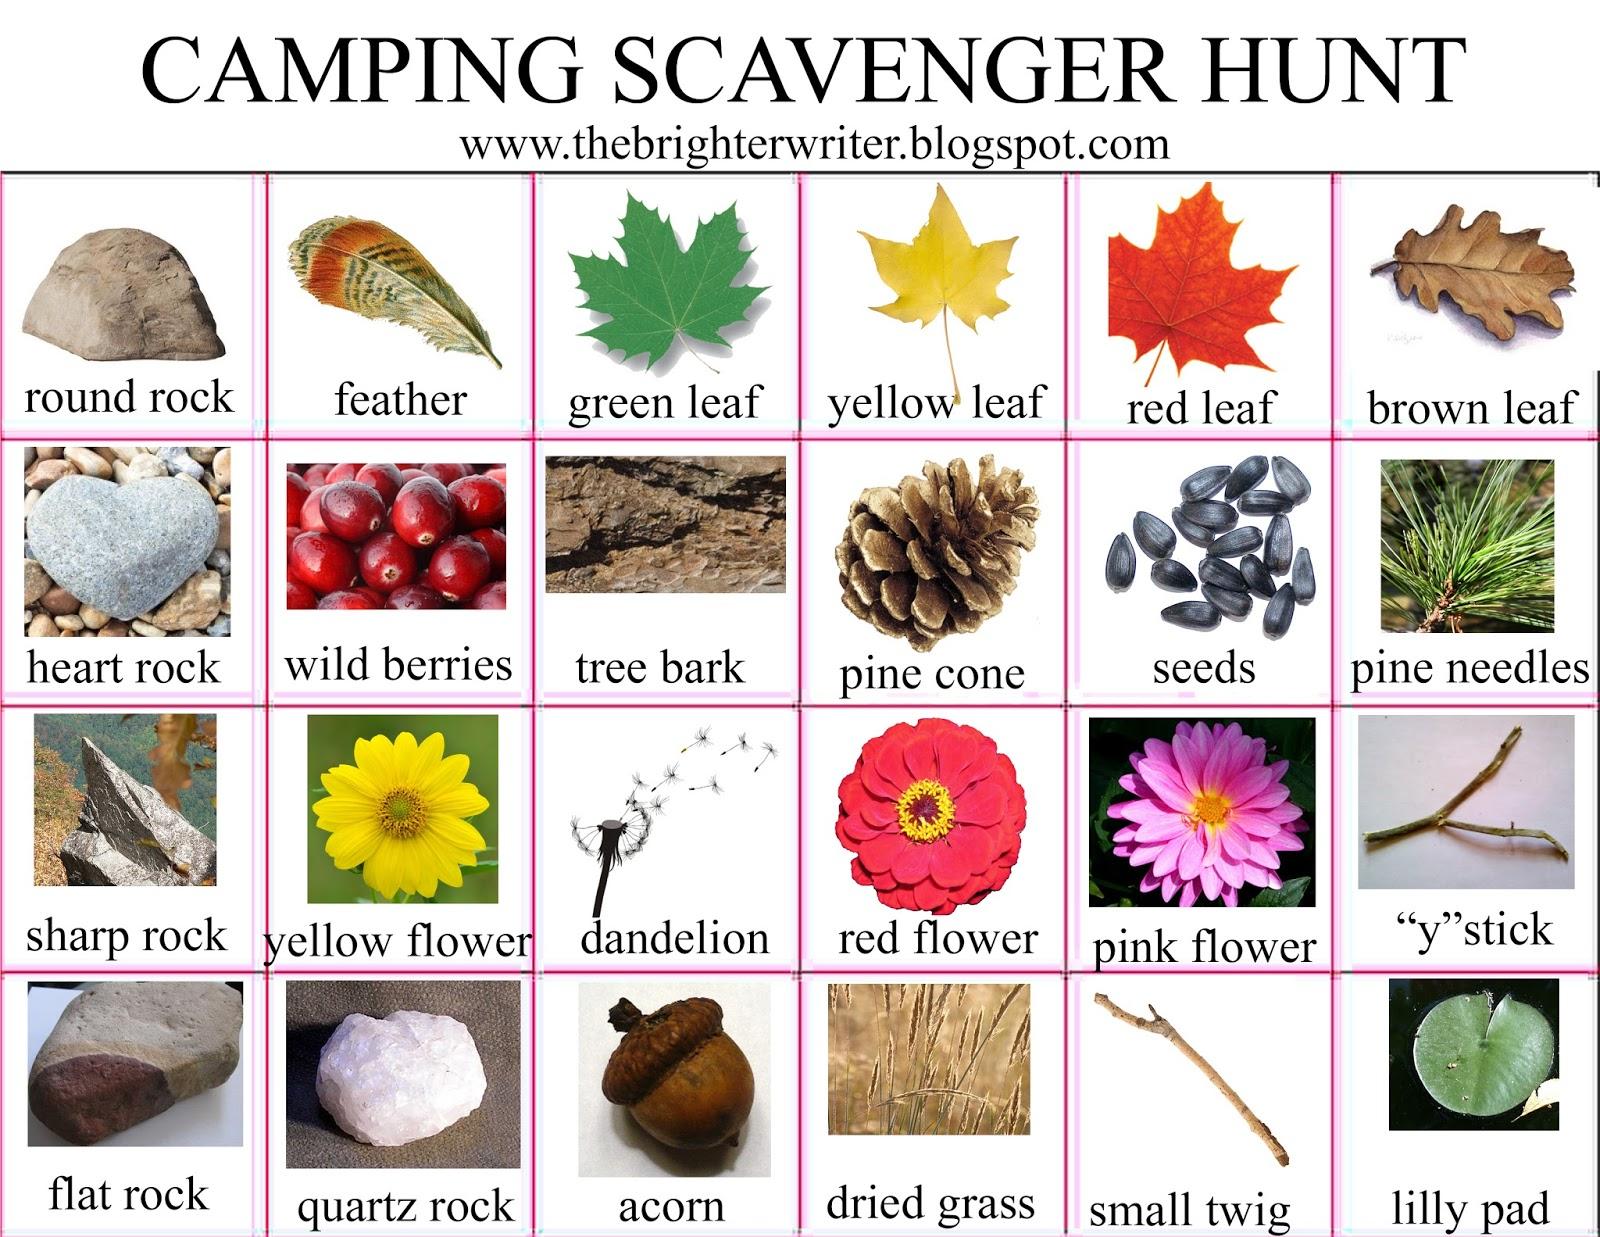 scavenger hunt list for campers